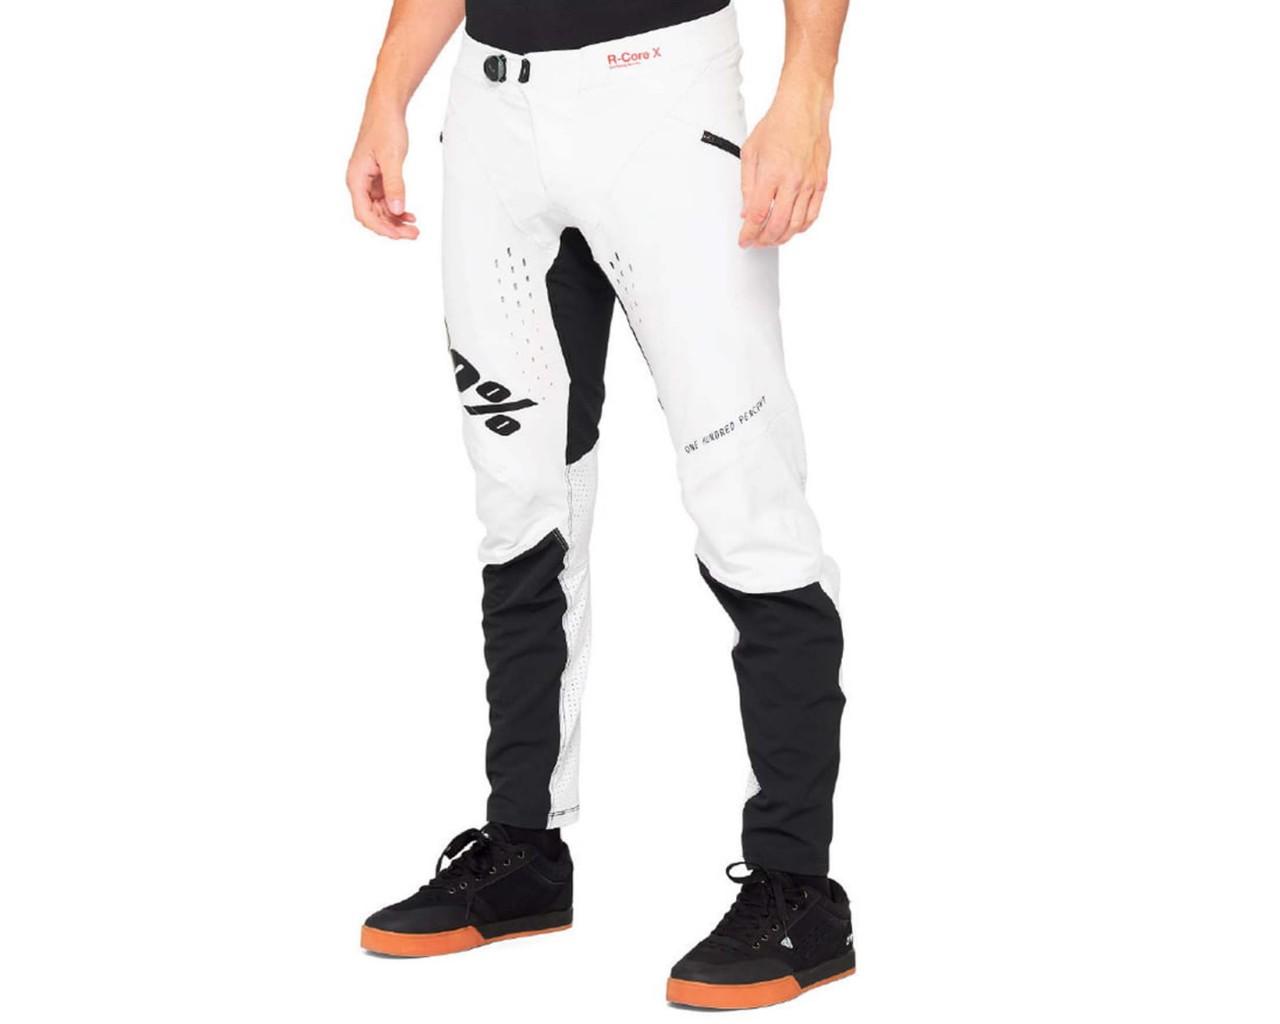 100% R-Core X Pants | silver